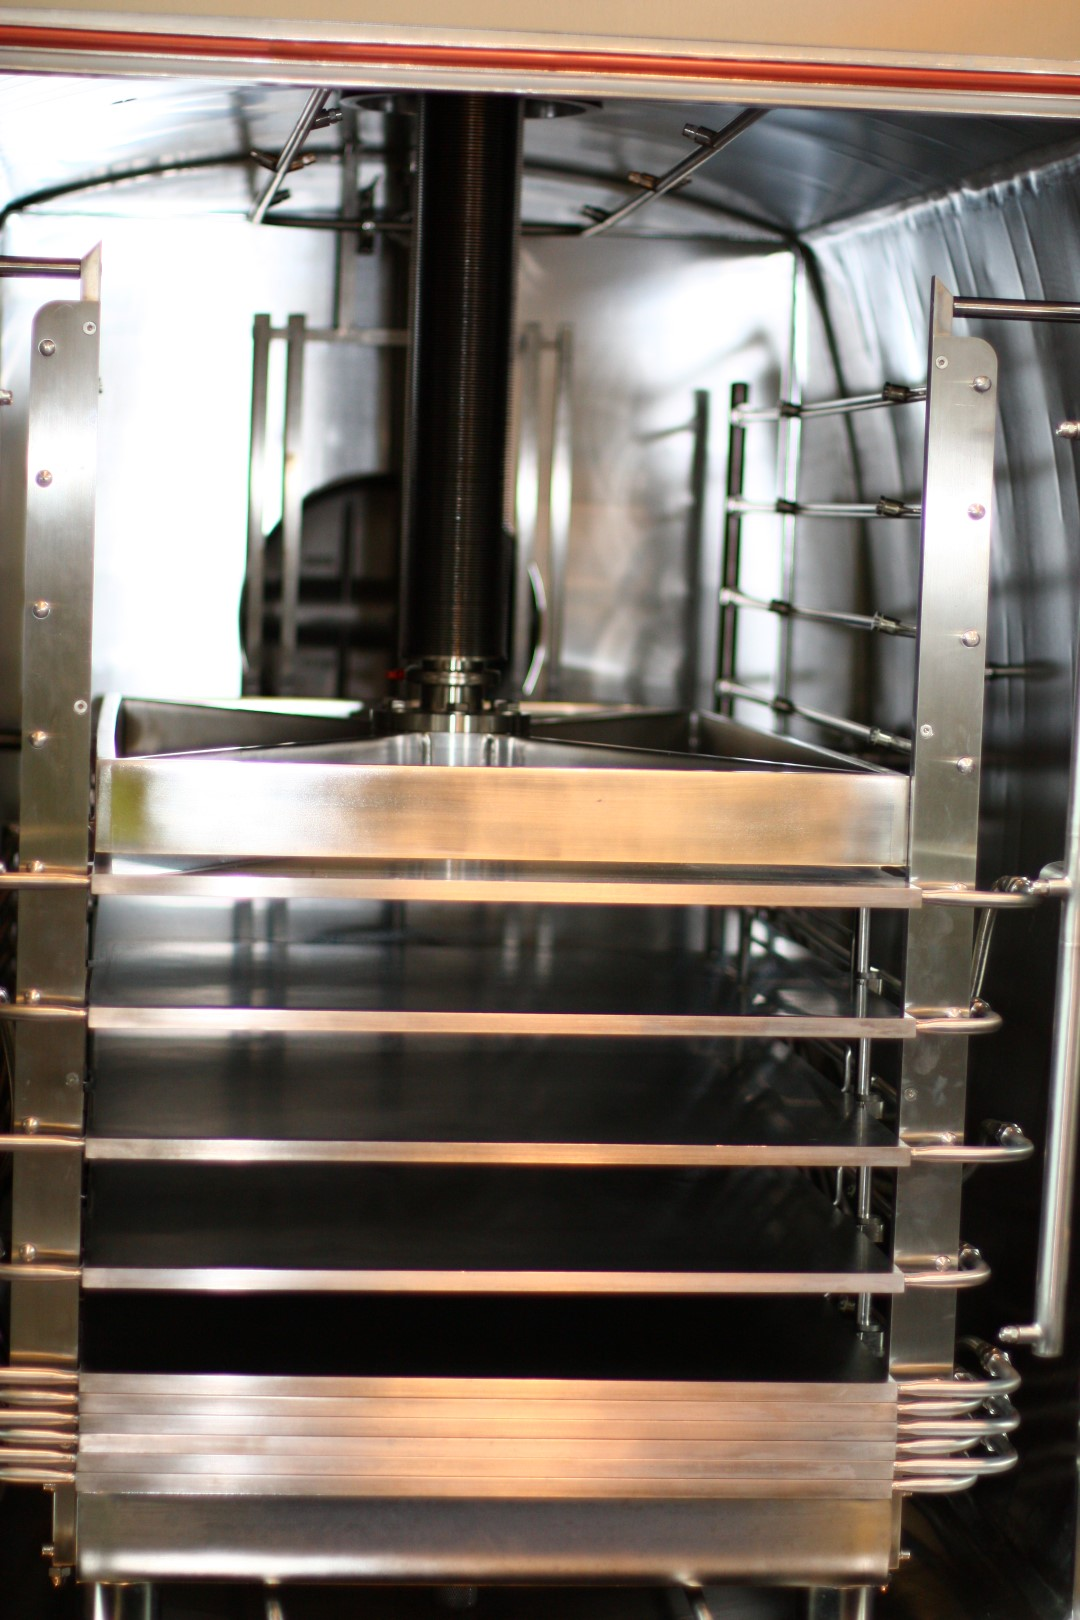 德国ZIRBUS中式型冷冻干燥机Sublimator 25( 原4x5x6升级版)